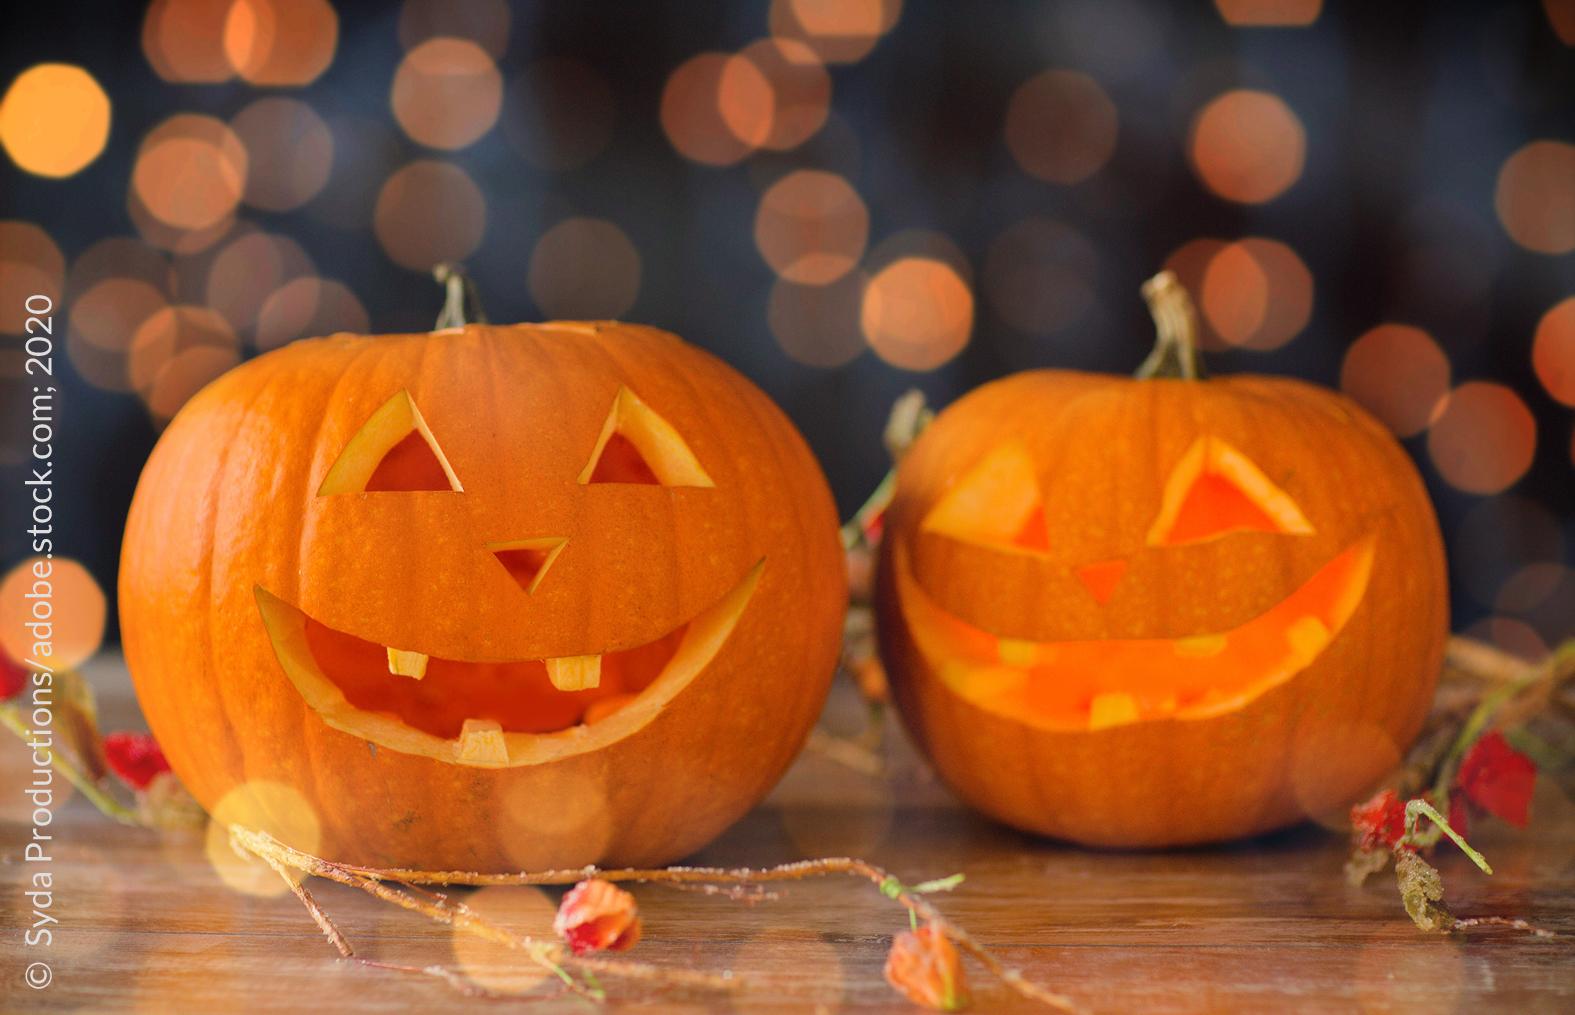 """Am 31. Oktober 2020 ist wieder """"Halloween"""". Seit gut 20 Jahren wächst die Fangemeinde für die Nacht vor Allerheiligen auch in Deutschland. Vor allem Kinder erleuchten die länger werdenden Nächte mit Lampions oder mit von Kerzenschein erhellten ausgeschnitzten Kürbissen und gehen auf die Jagd nach Süßigkeiten wie Bonbons, Fruchtgummis und Schokolade."""